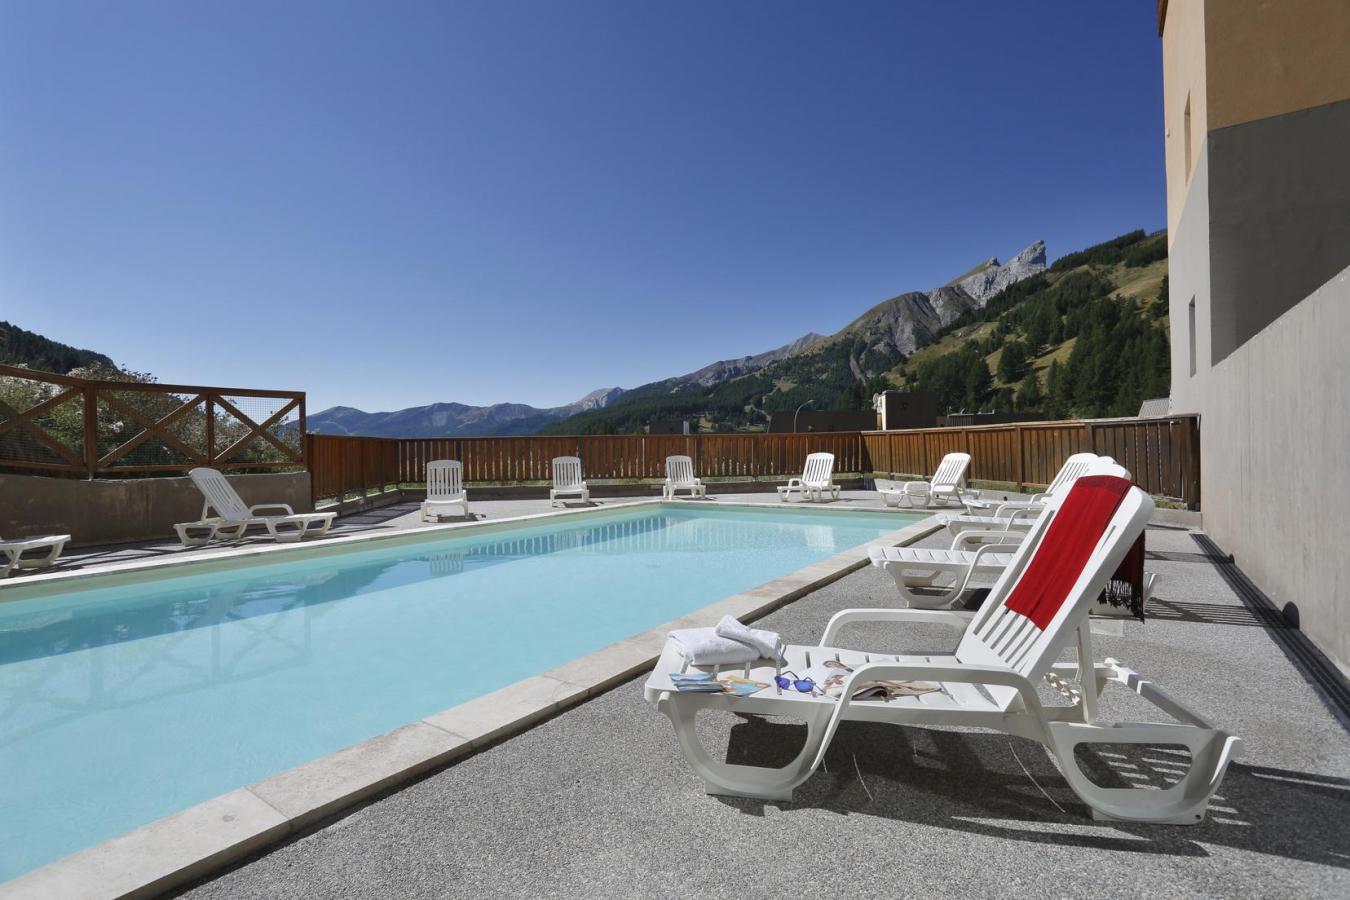 Les balcons du soleil partir de 168 location vacances for Piscine du soleil nice